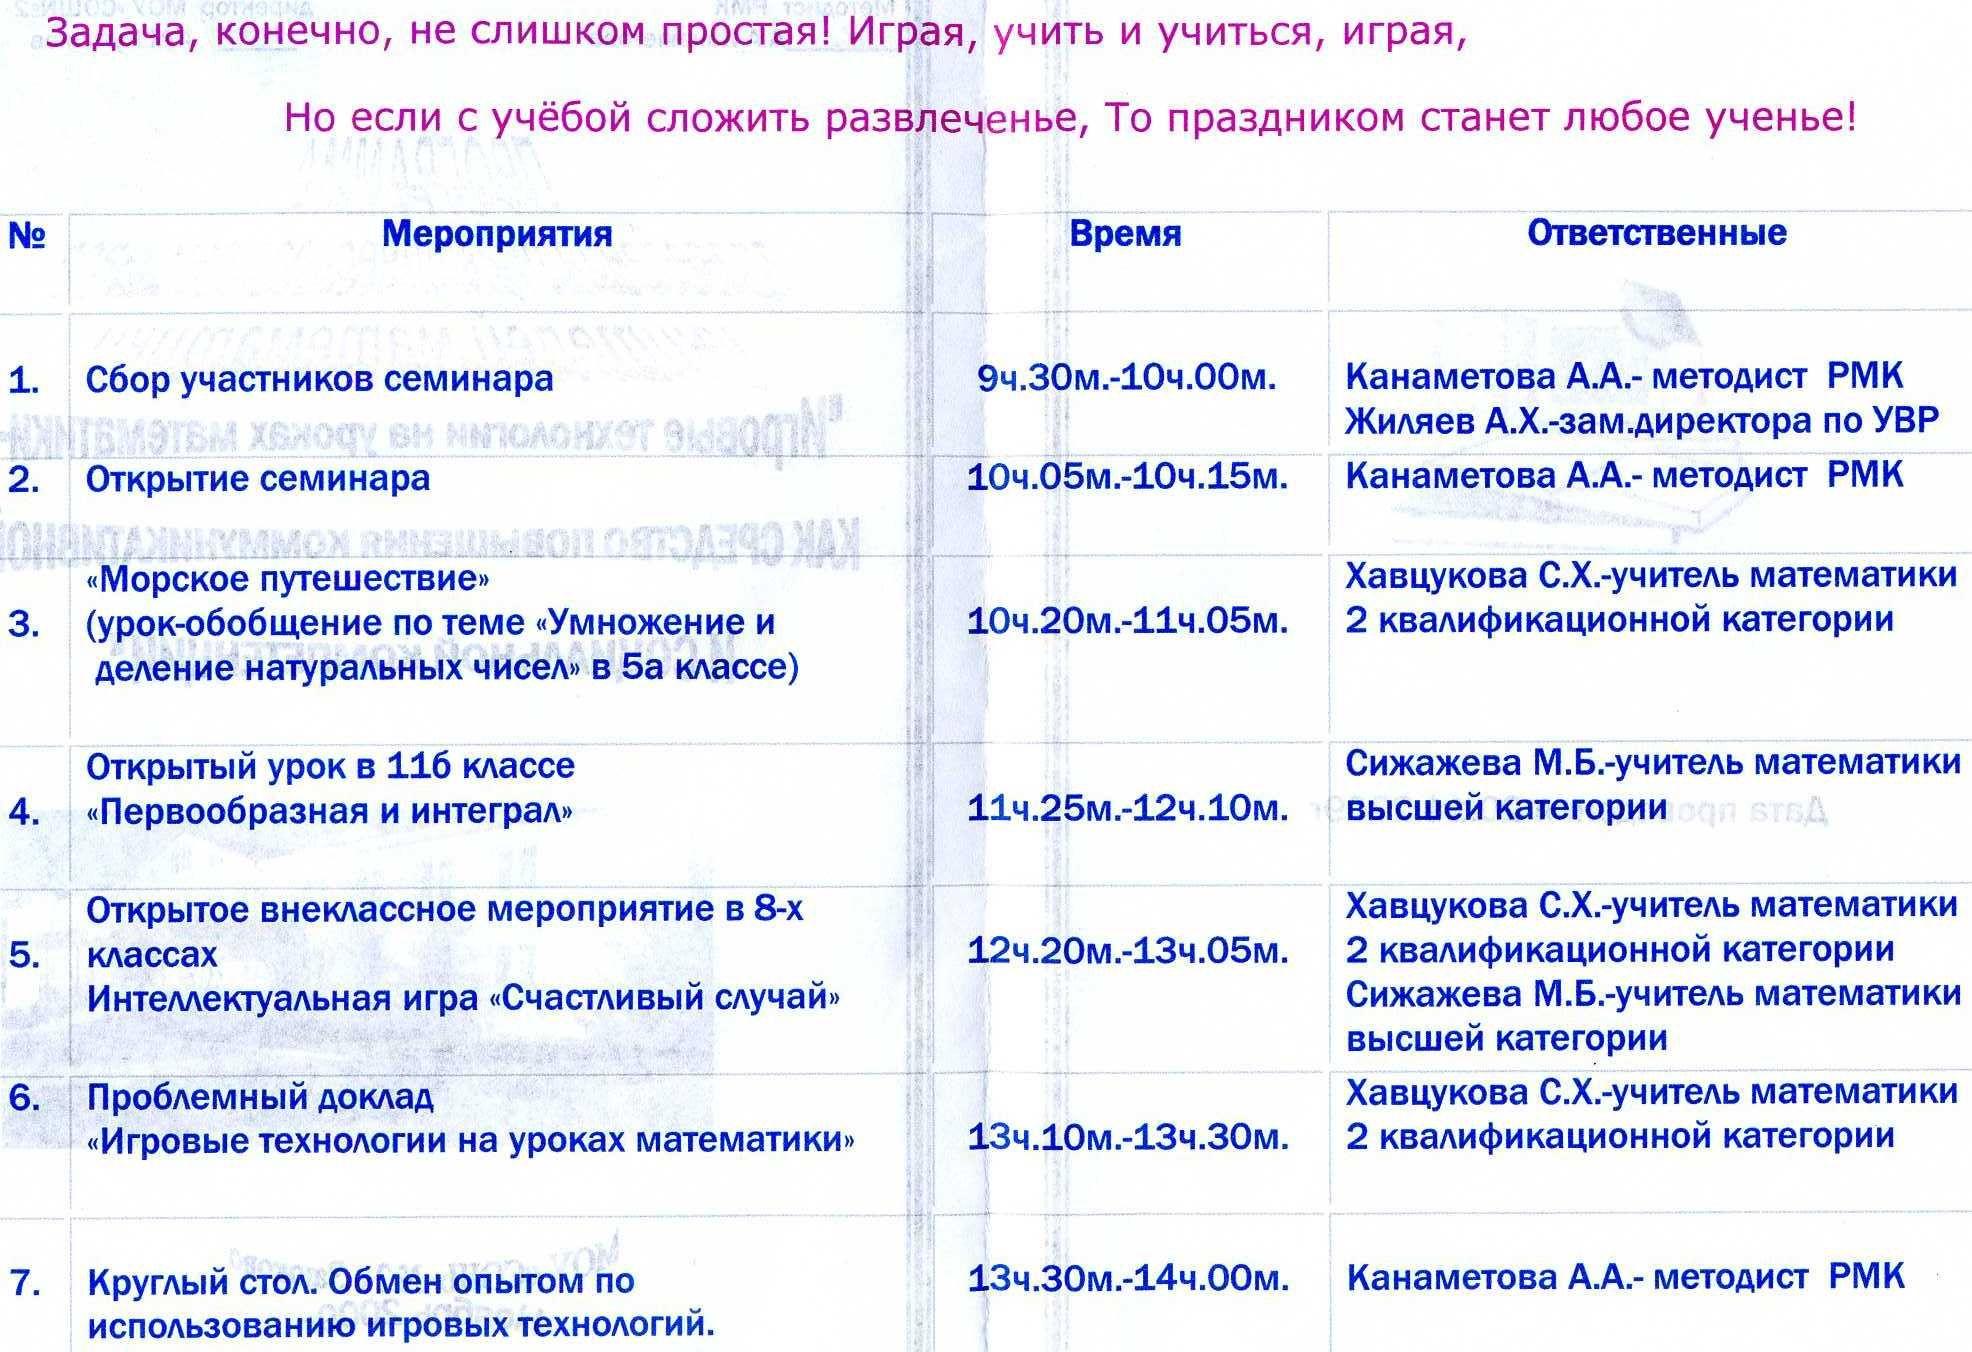 Гдз по русскому языку 8 класс панов м.в